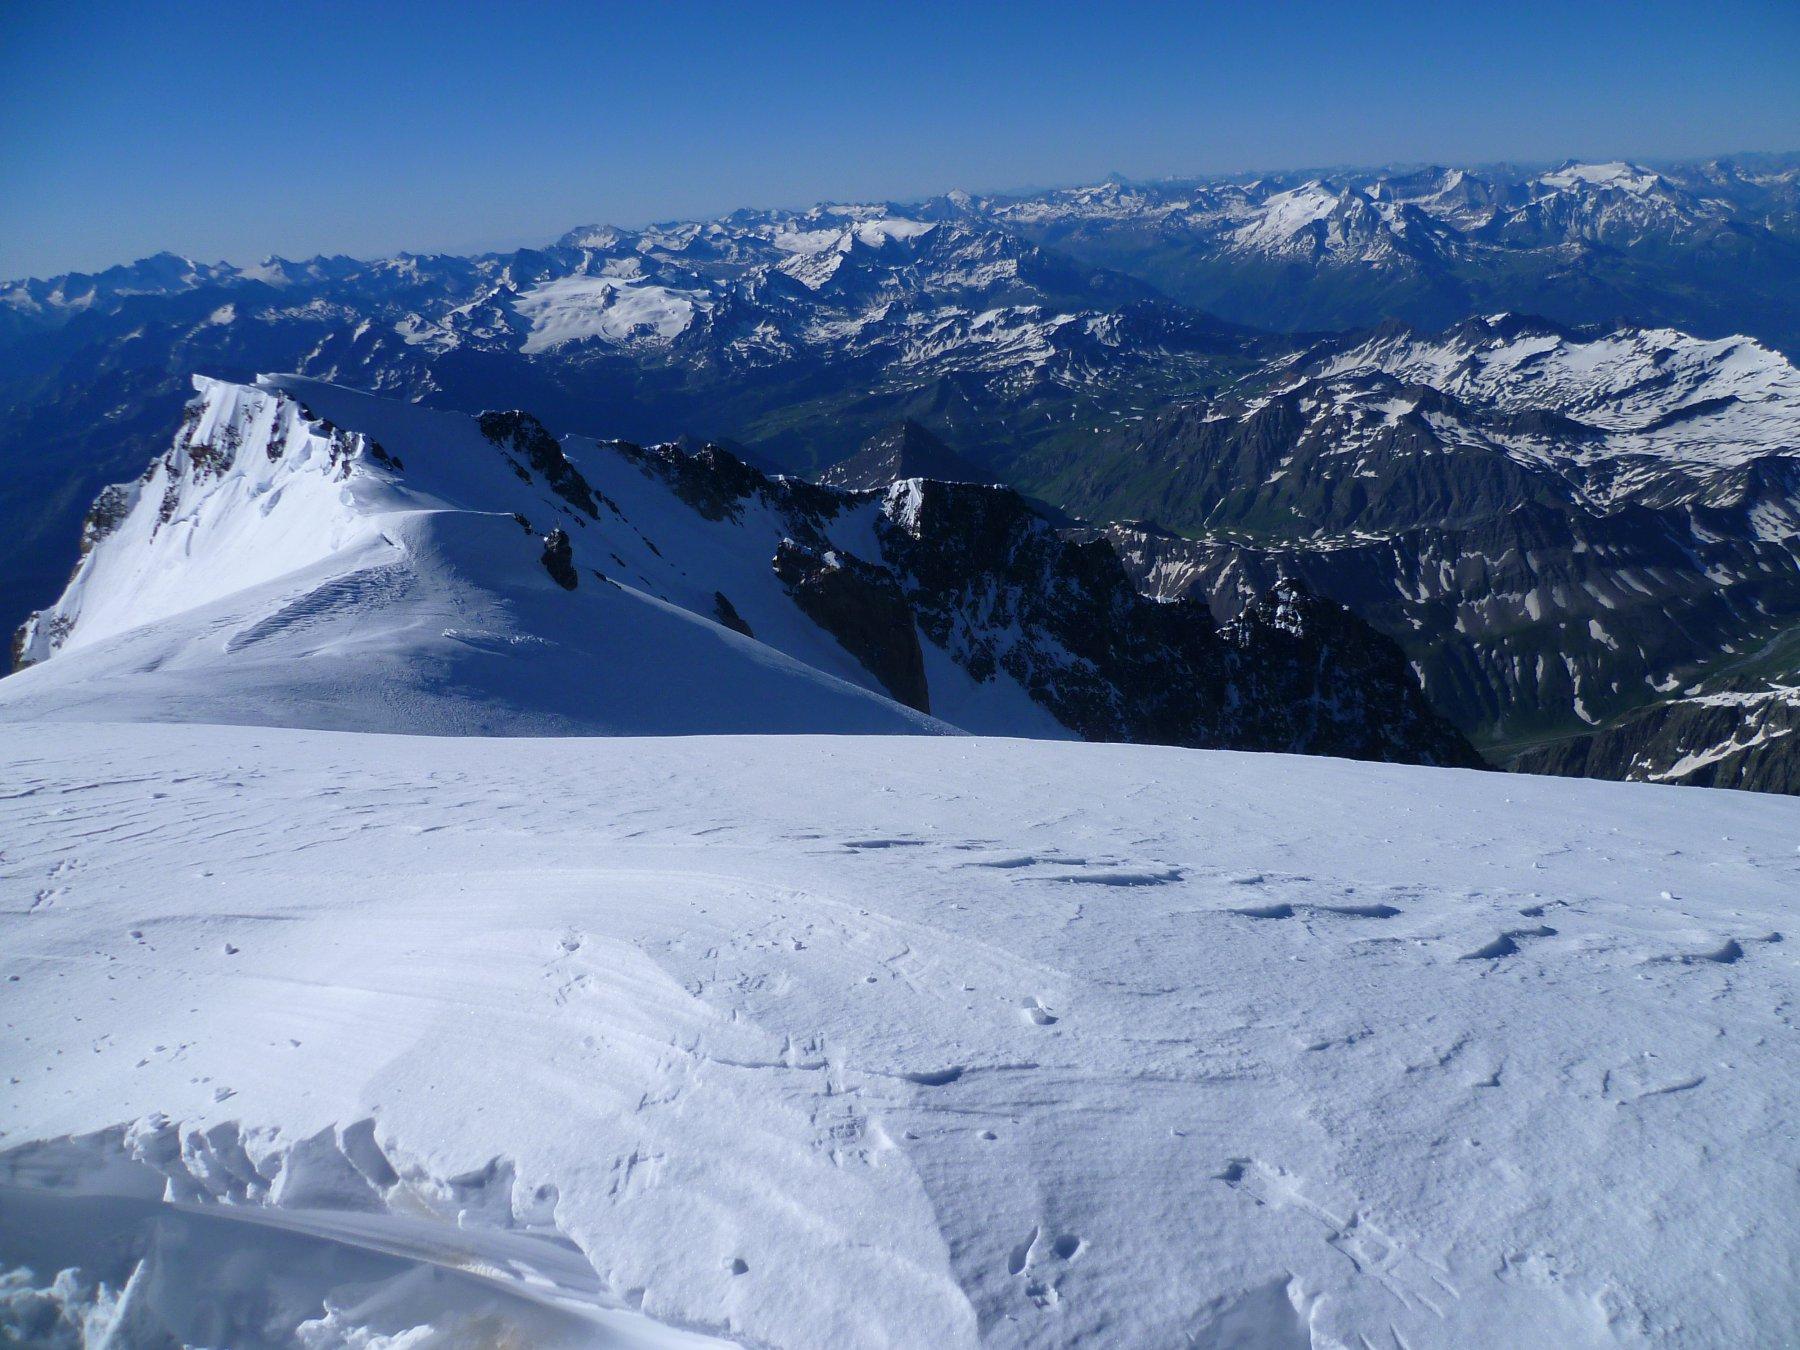 Dalla cima del Monte Bianco